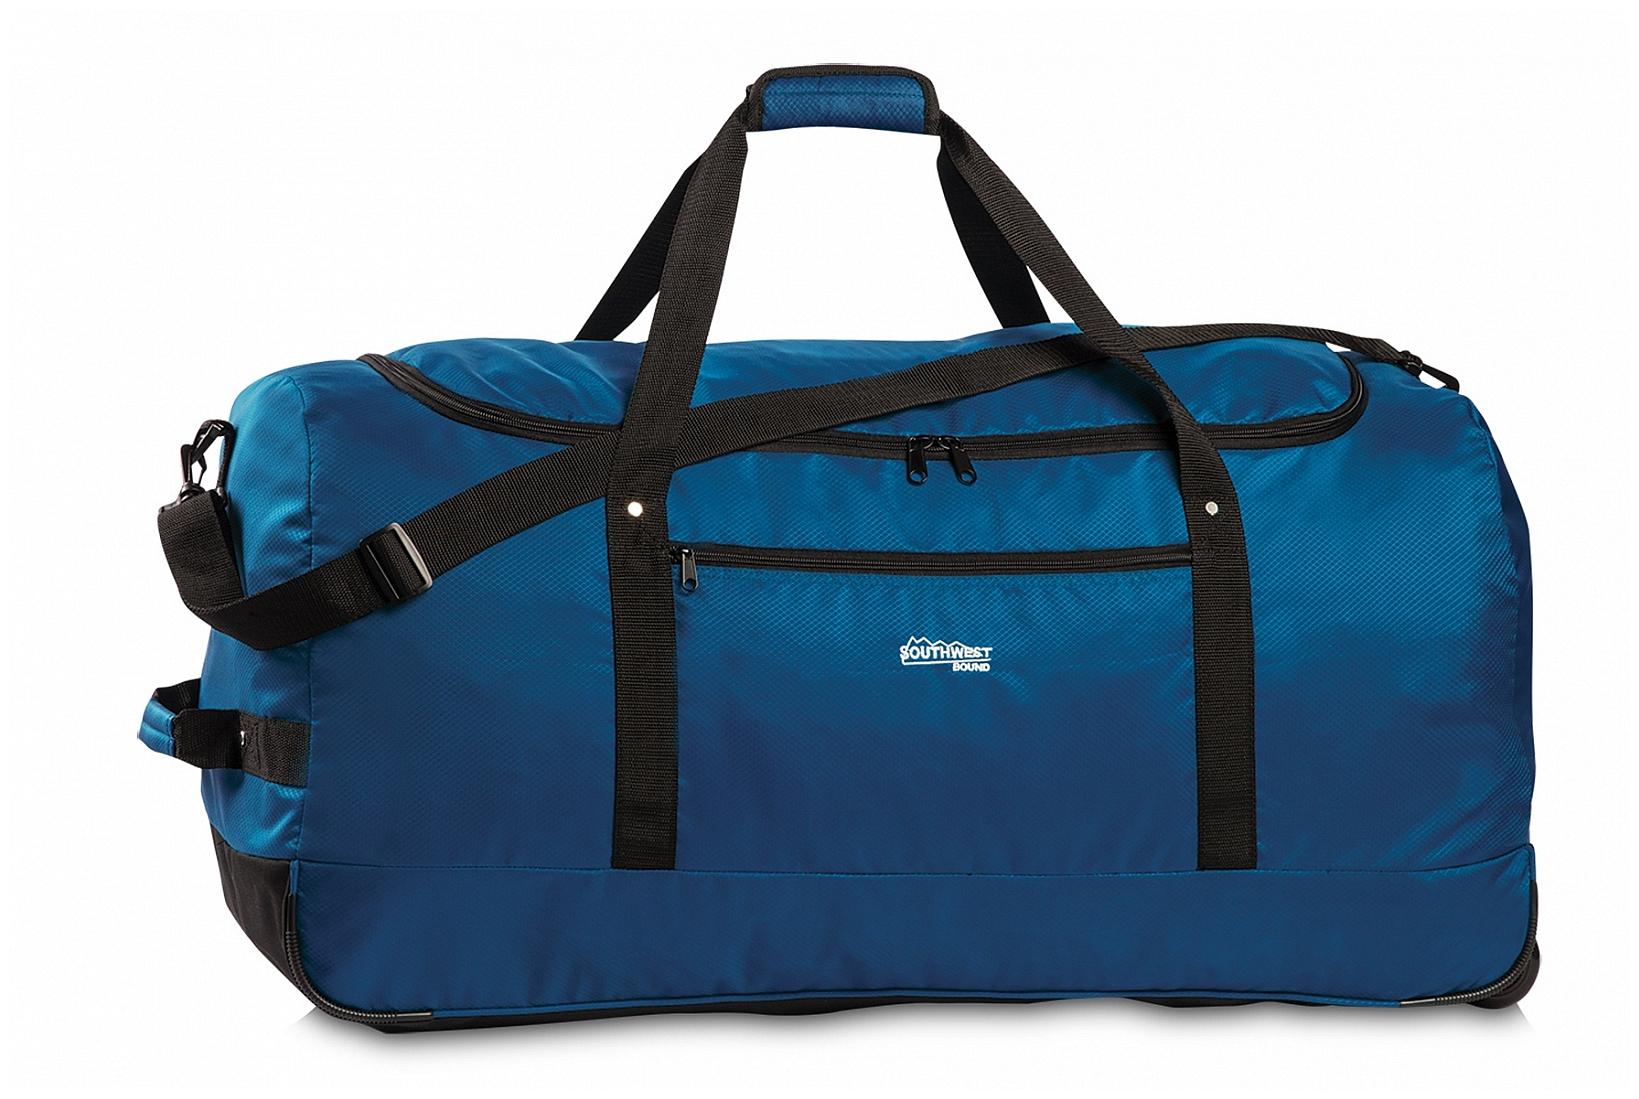 Southwest Skládací XXL cestovní taška na kolečkách 30232-0500 modrá